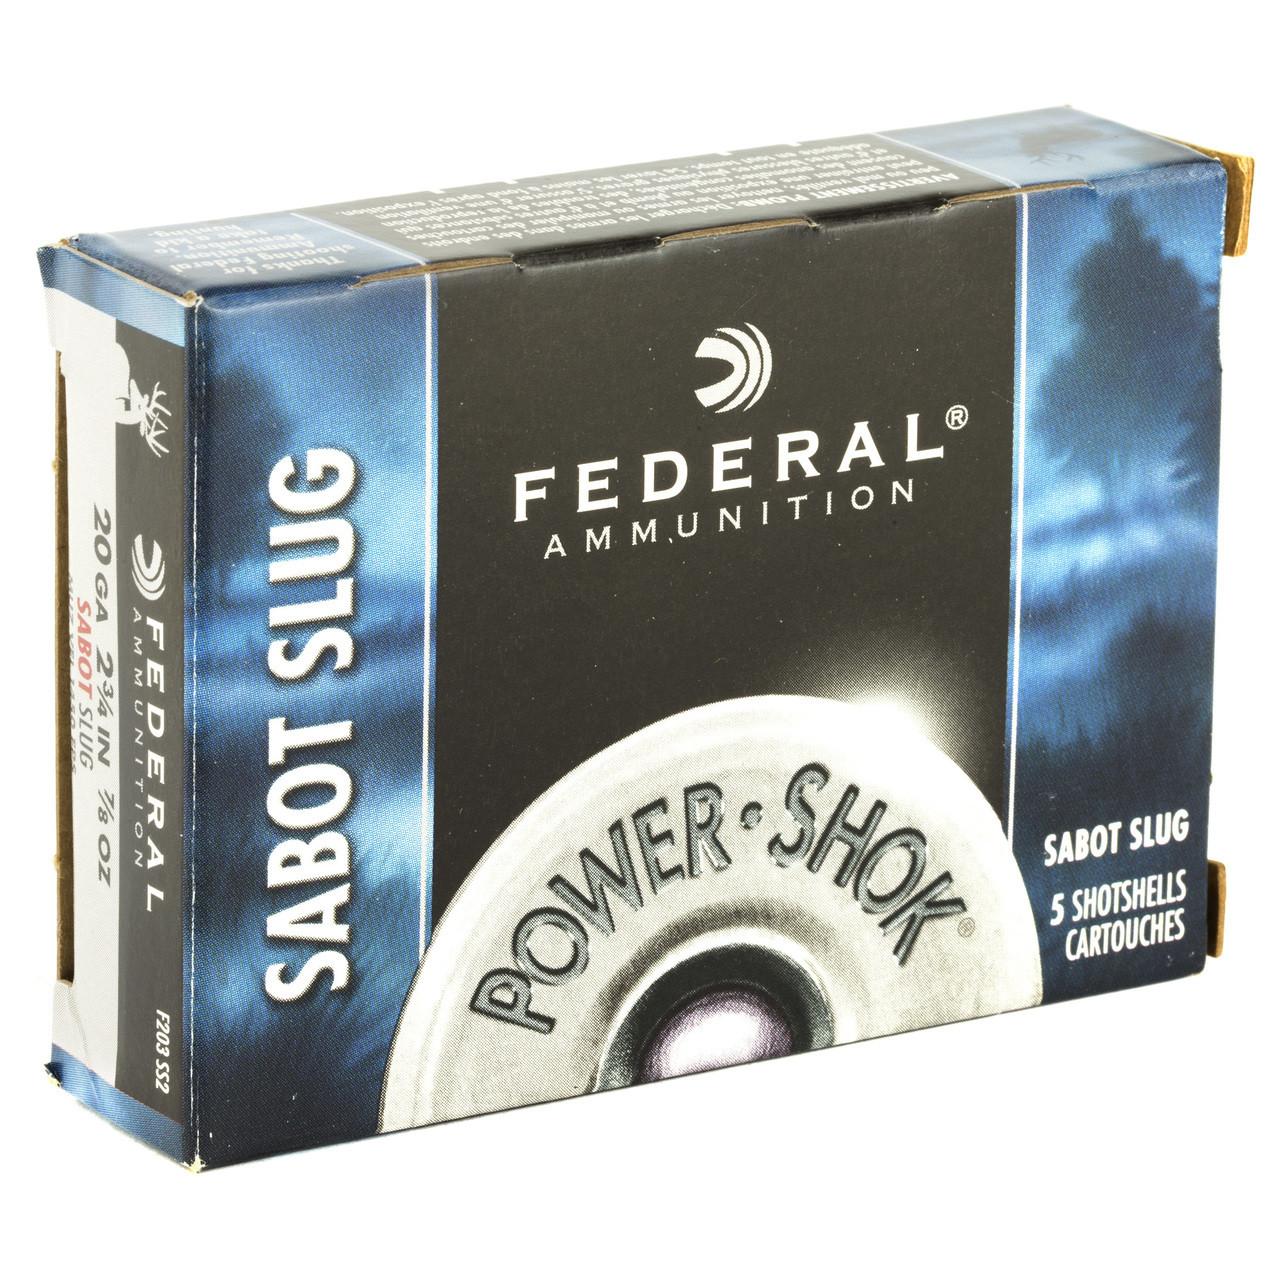 Federal PowerShok, 20 Gauge, 2 75